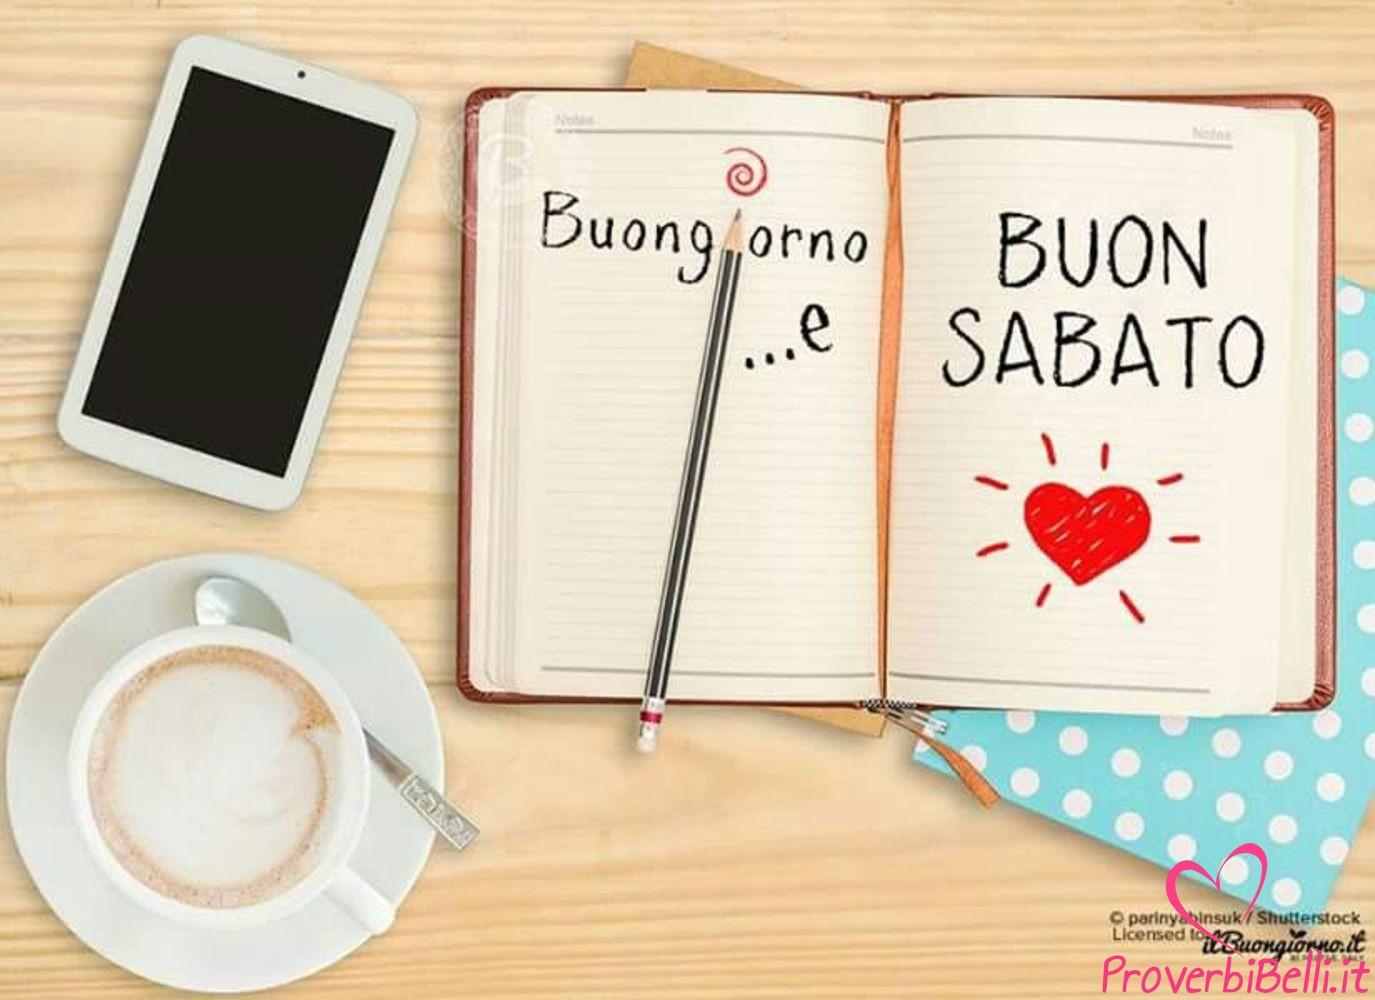 Immagini-Buongiorno-Sabato-per-Whatsapp-699